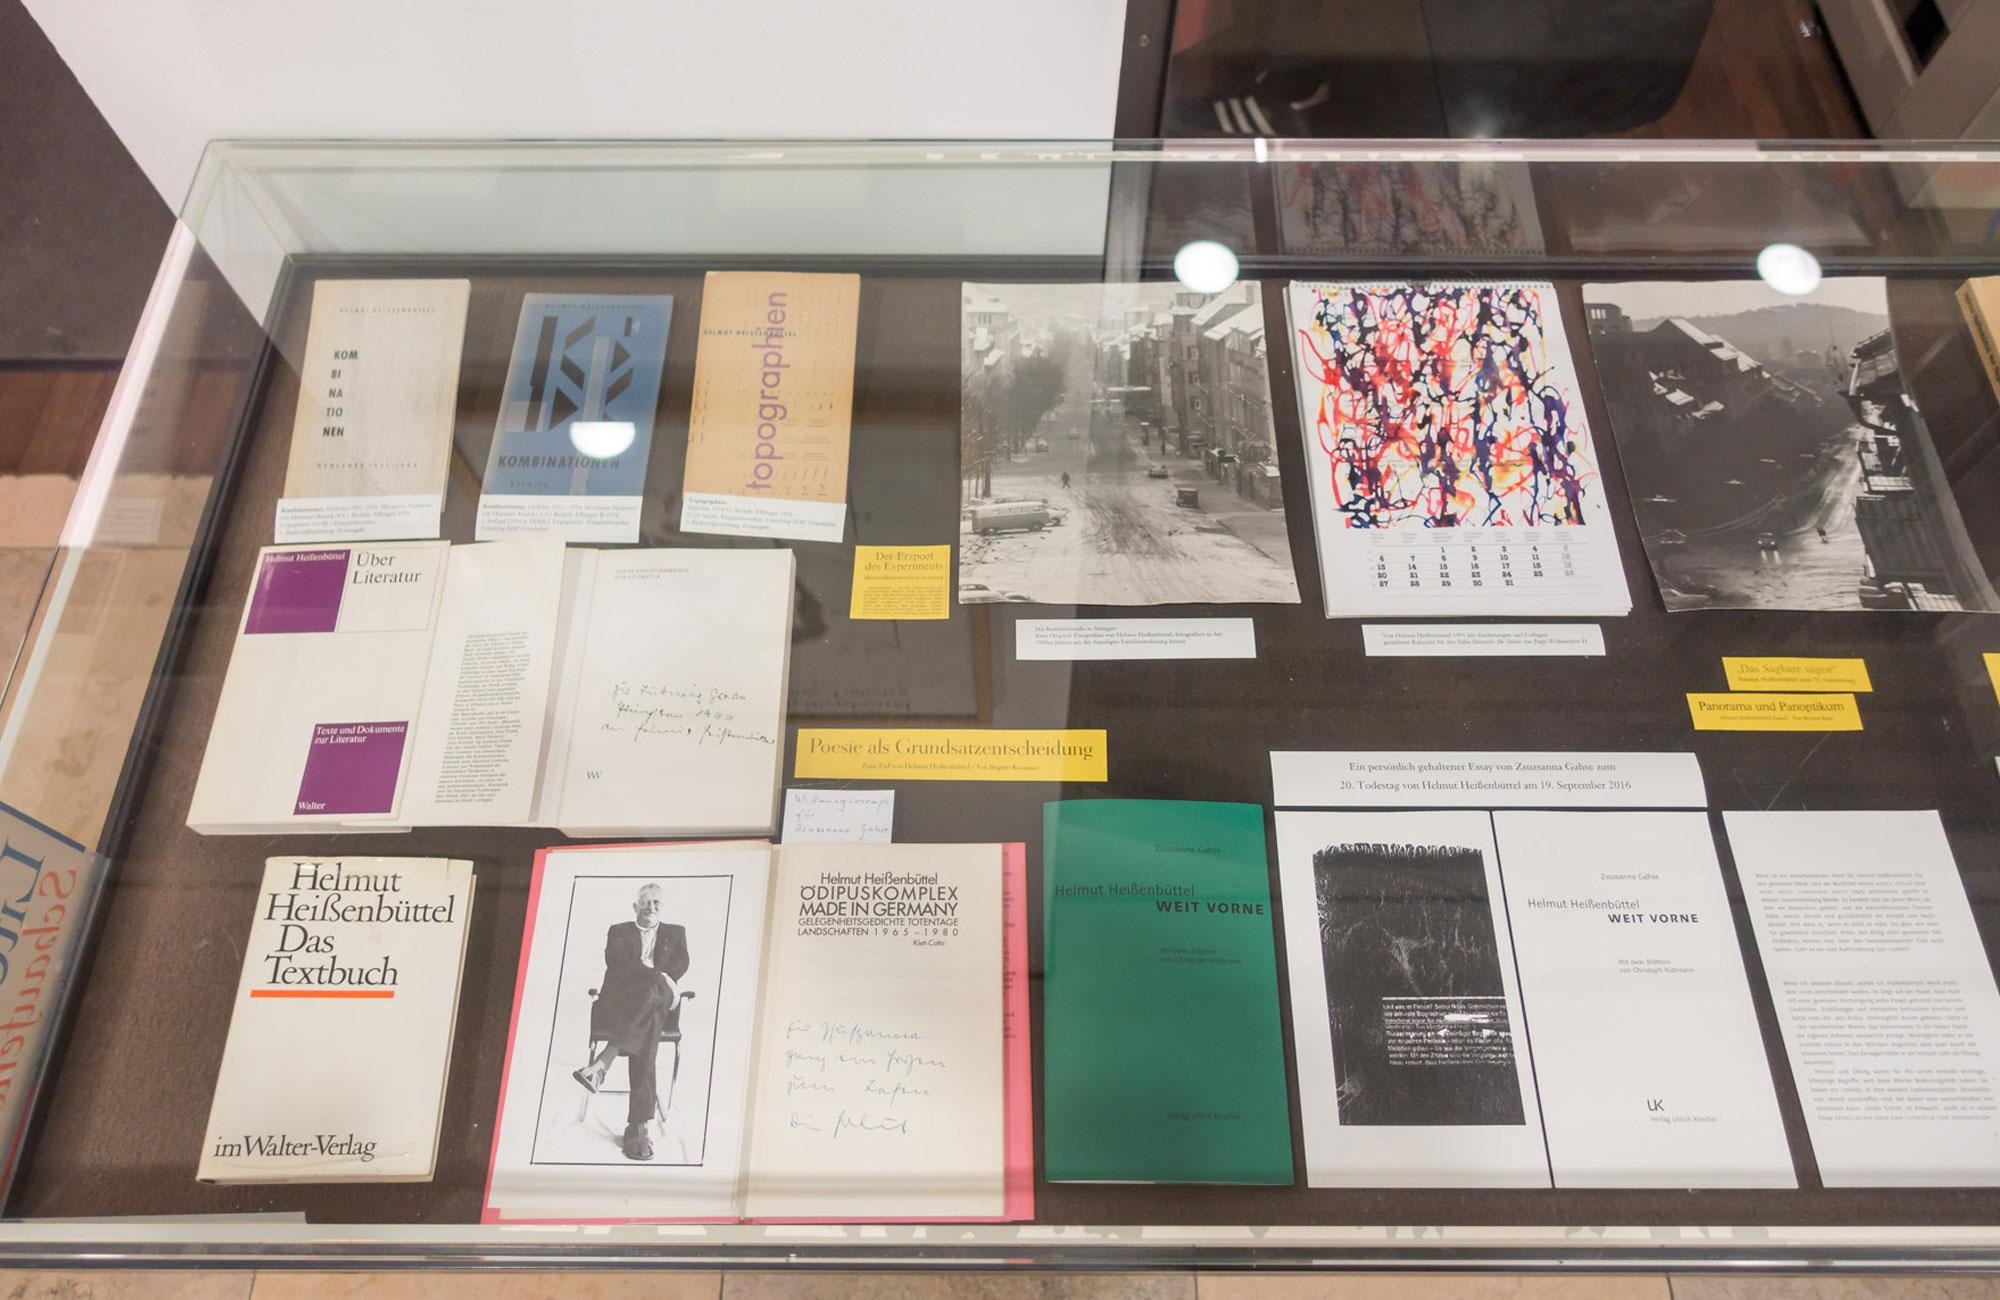 Nr. 8: Literatur Schaufenster. Bücher & Autoren, die wir nicht vergessen wollen,                                                                                                                                              Sonntag, 18.09.16                      -                          Donnerstag, 03.11.16                                                                               <br/>(c) Sebastian Wenzel